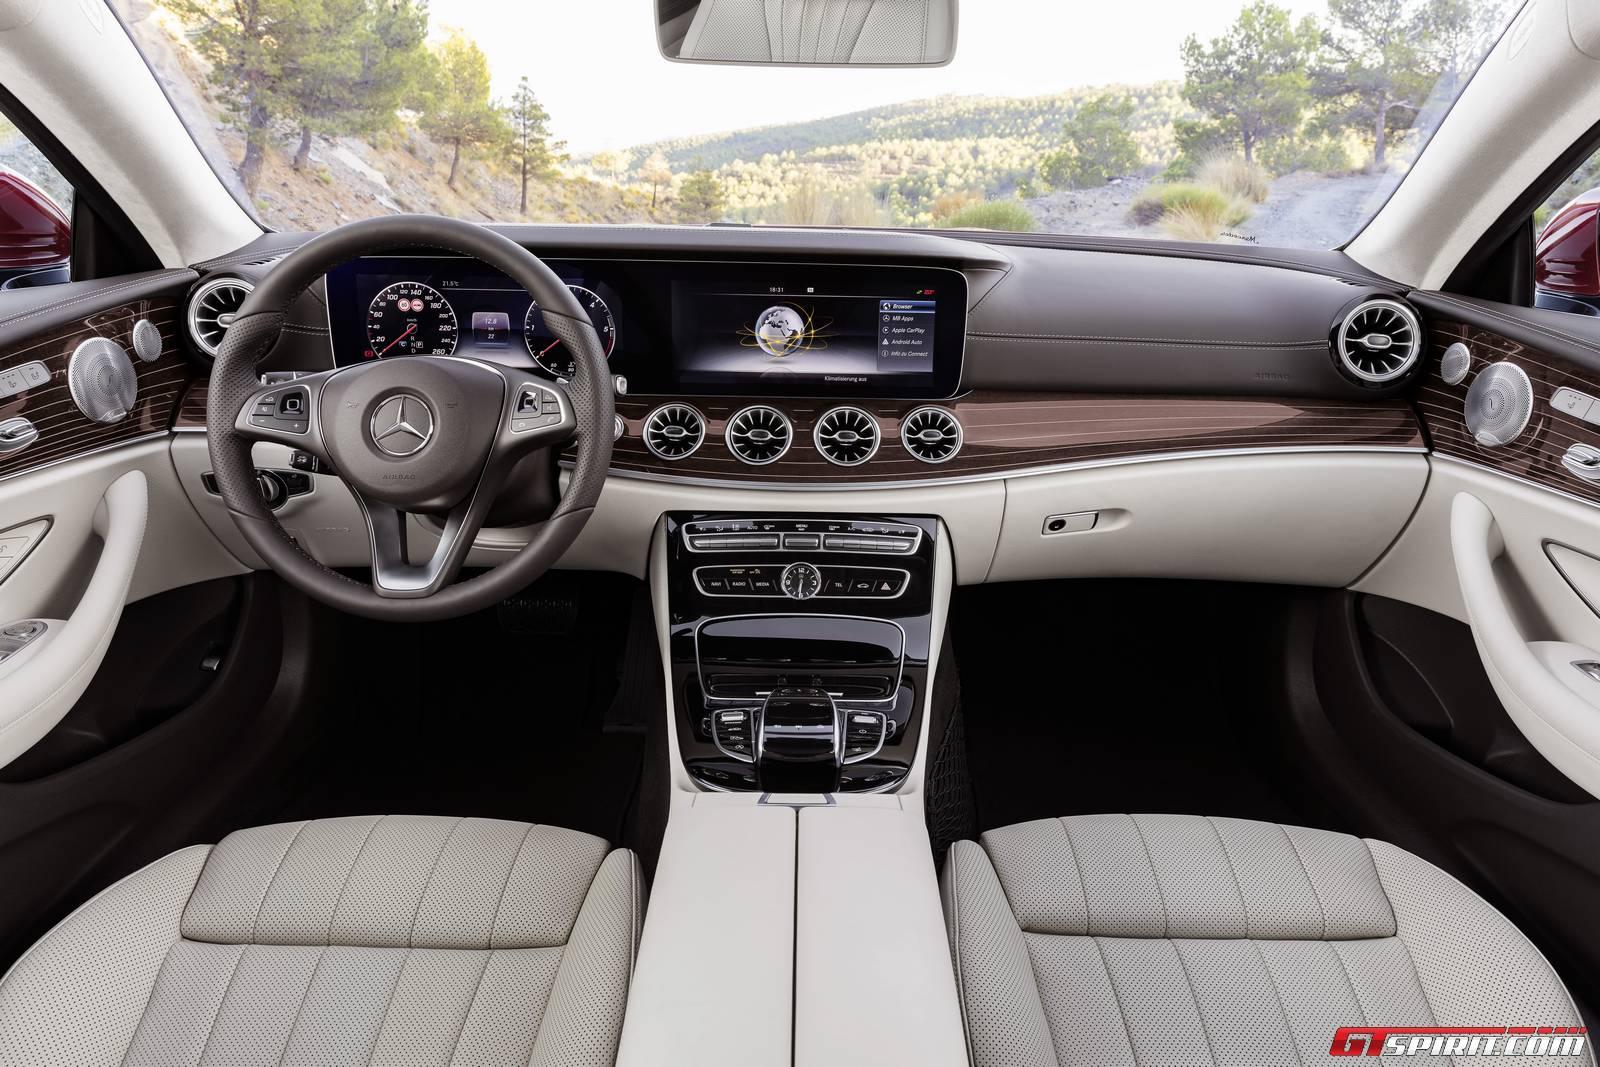 2017 Mercedes-Benz E-Class Coupe Interior